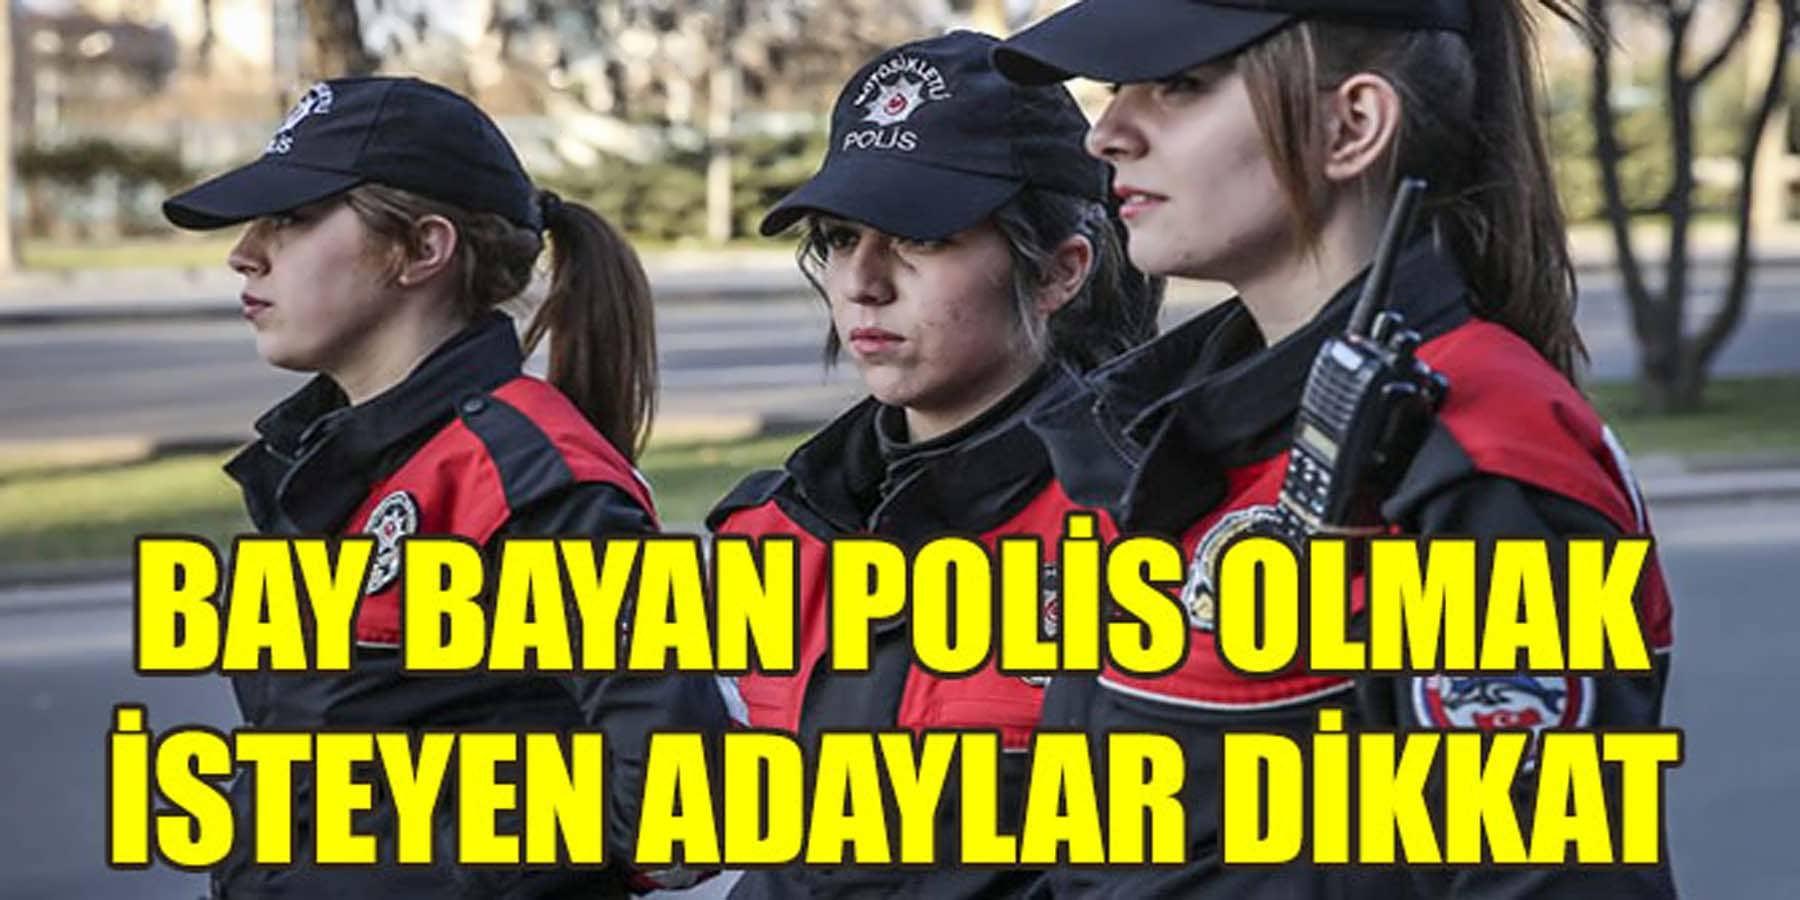 Bay Bayan Polis Olmak İsteyen Adaylar Dikkat